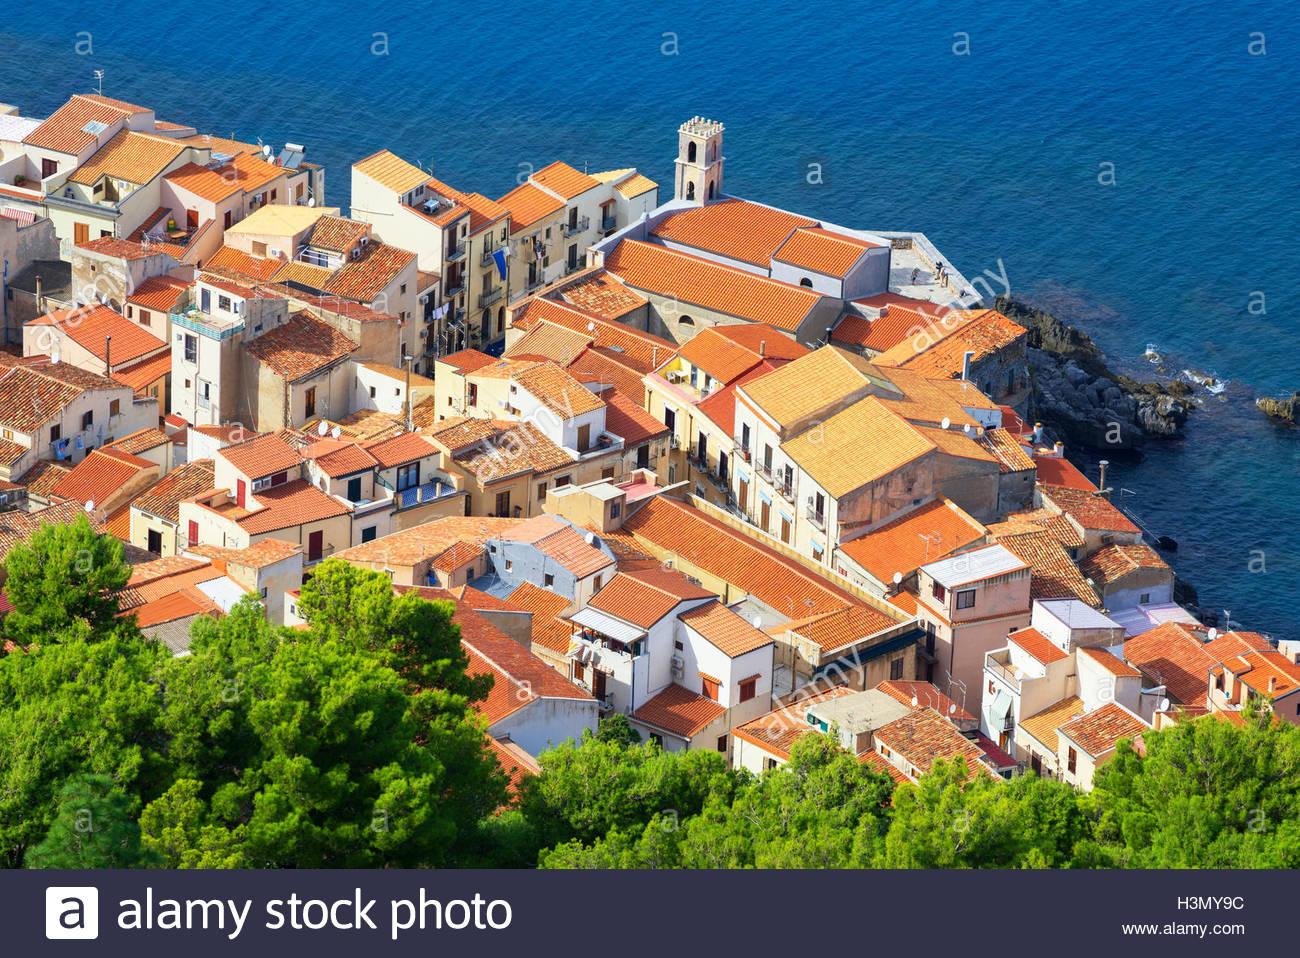 Angolo di alta vista di Cefalu tetti in terracotta e la costa da La Rocca, Sicilia, Italia Immagini Stock